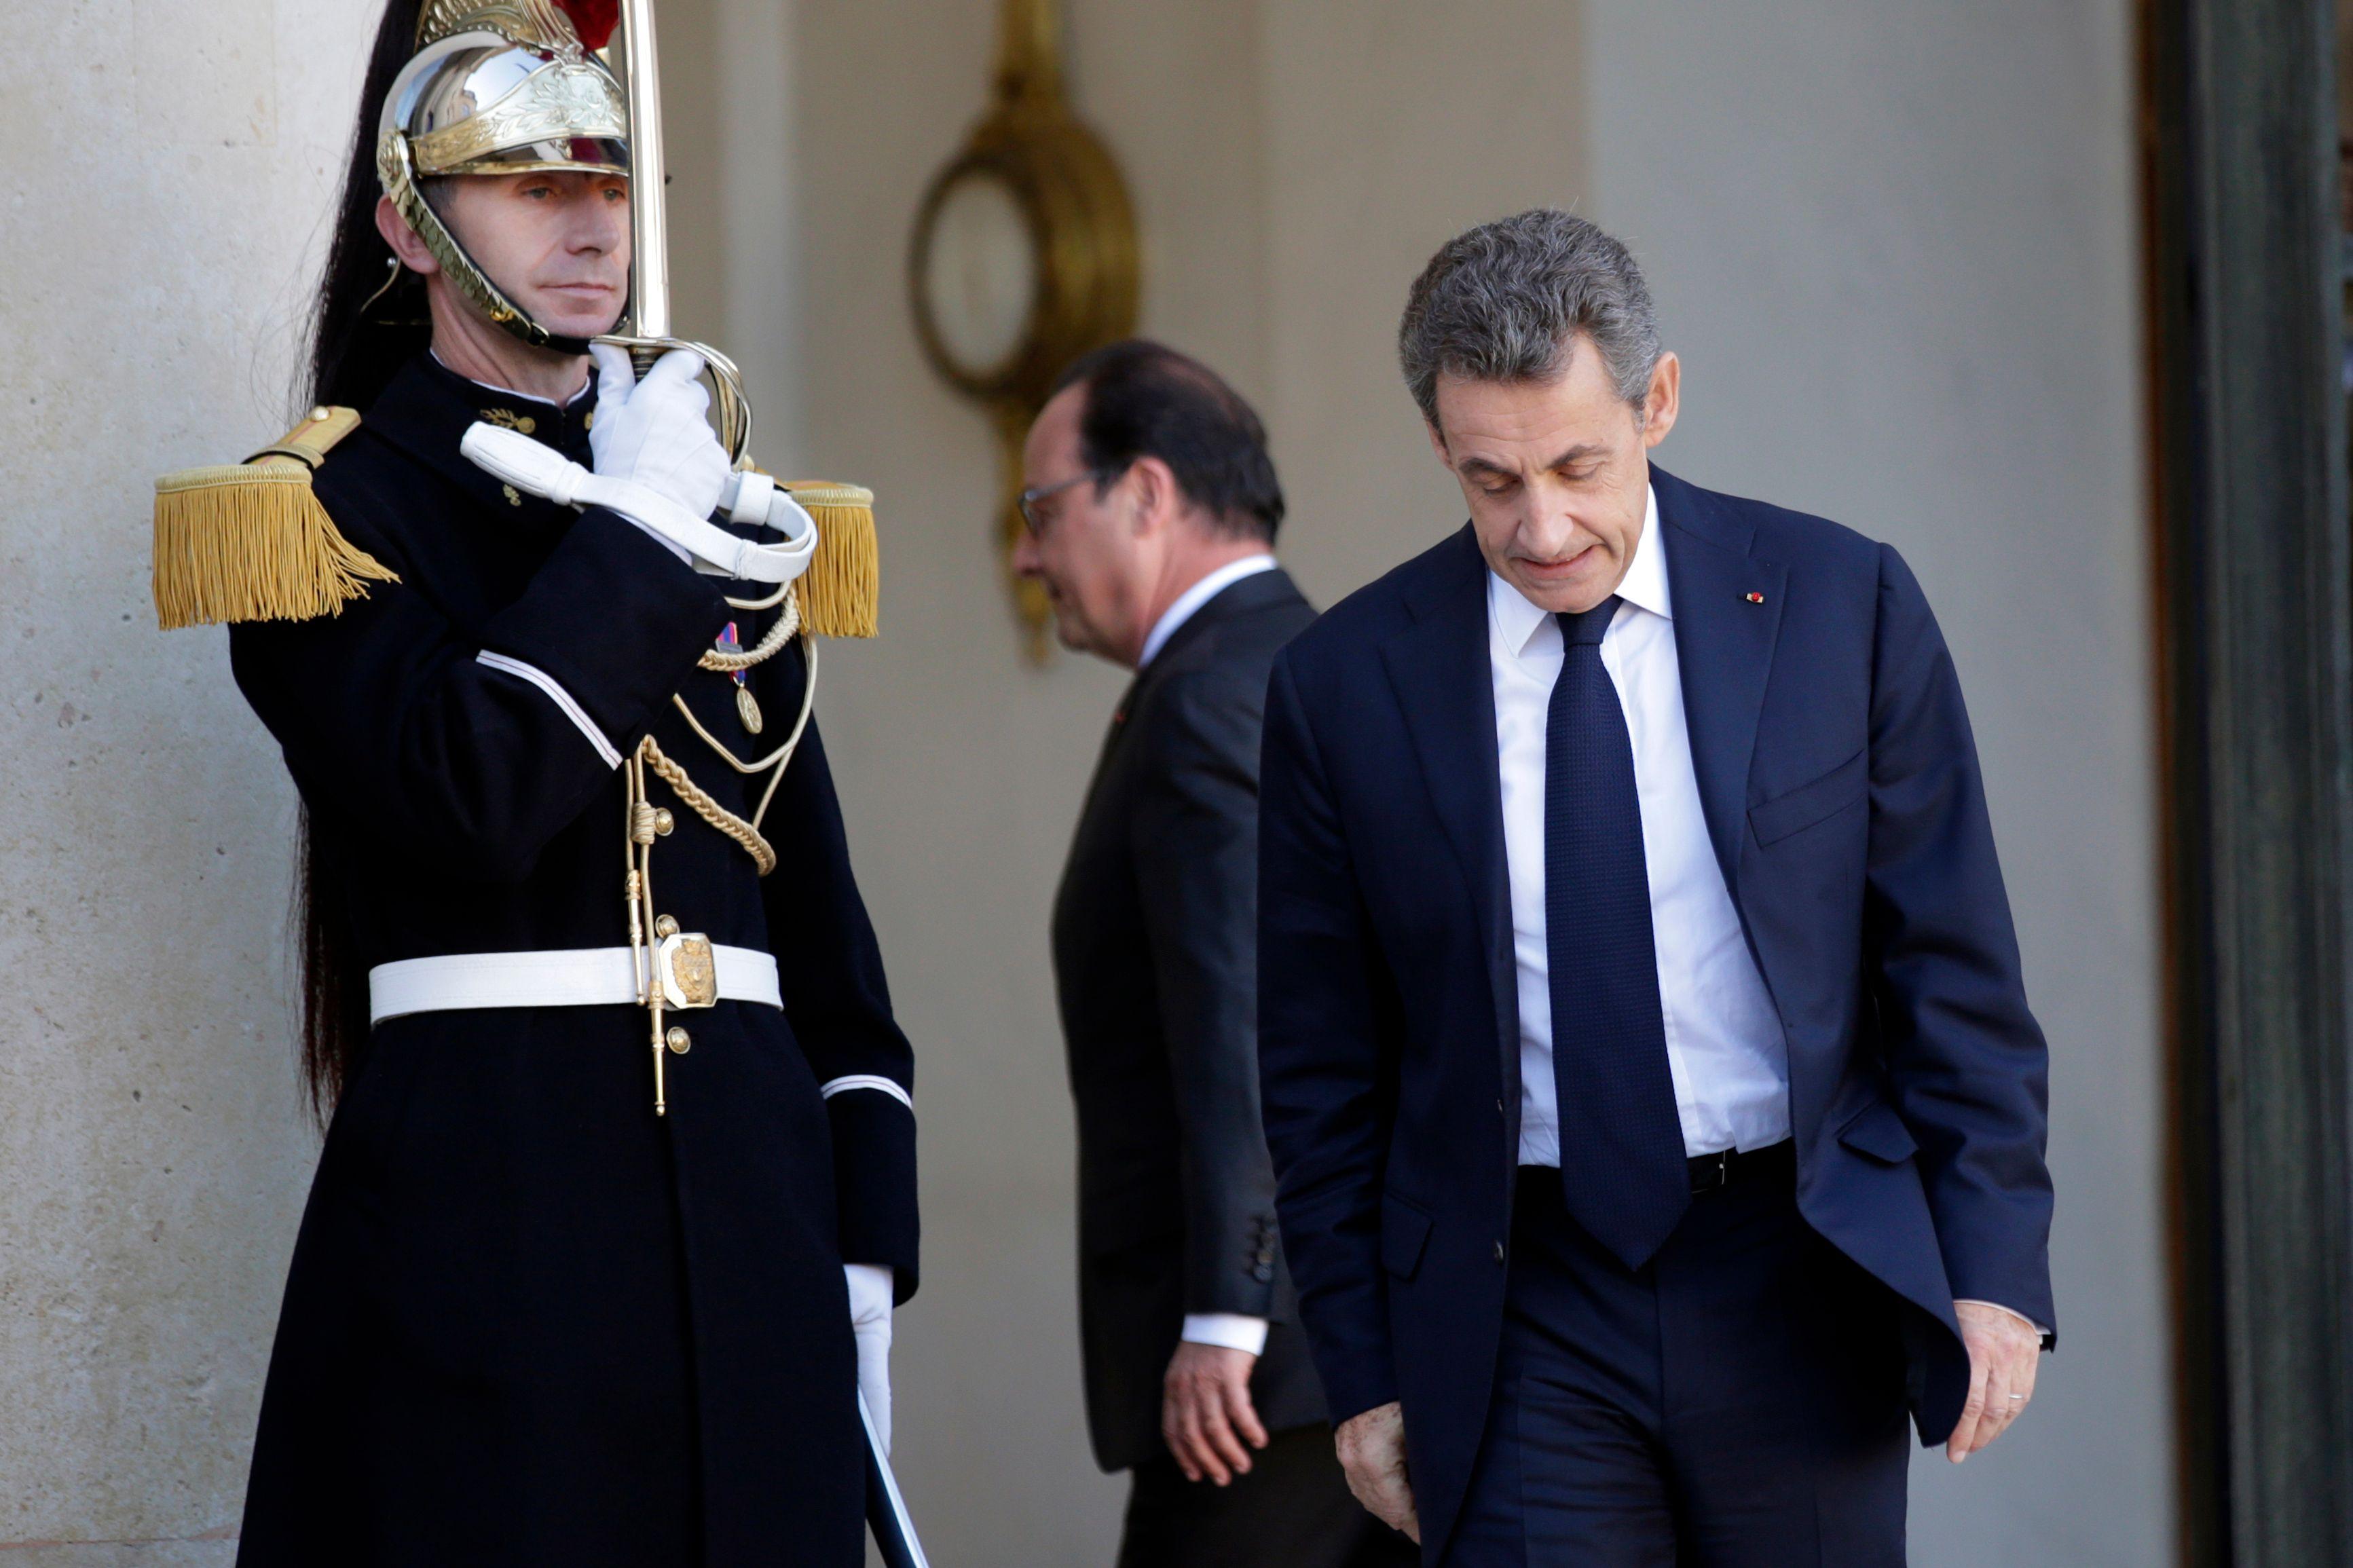 Hollande/Mélenchon, Hollande/Sarkozy, FN/PS… L'ère des convergences d'intérêts contre nature